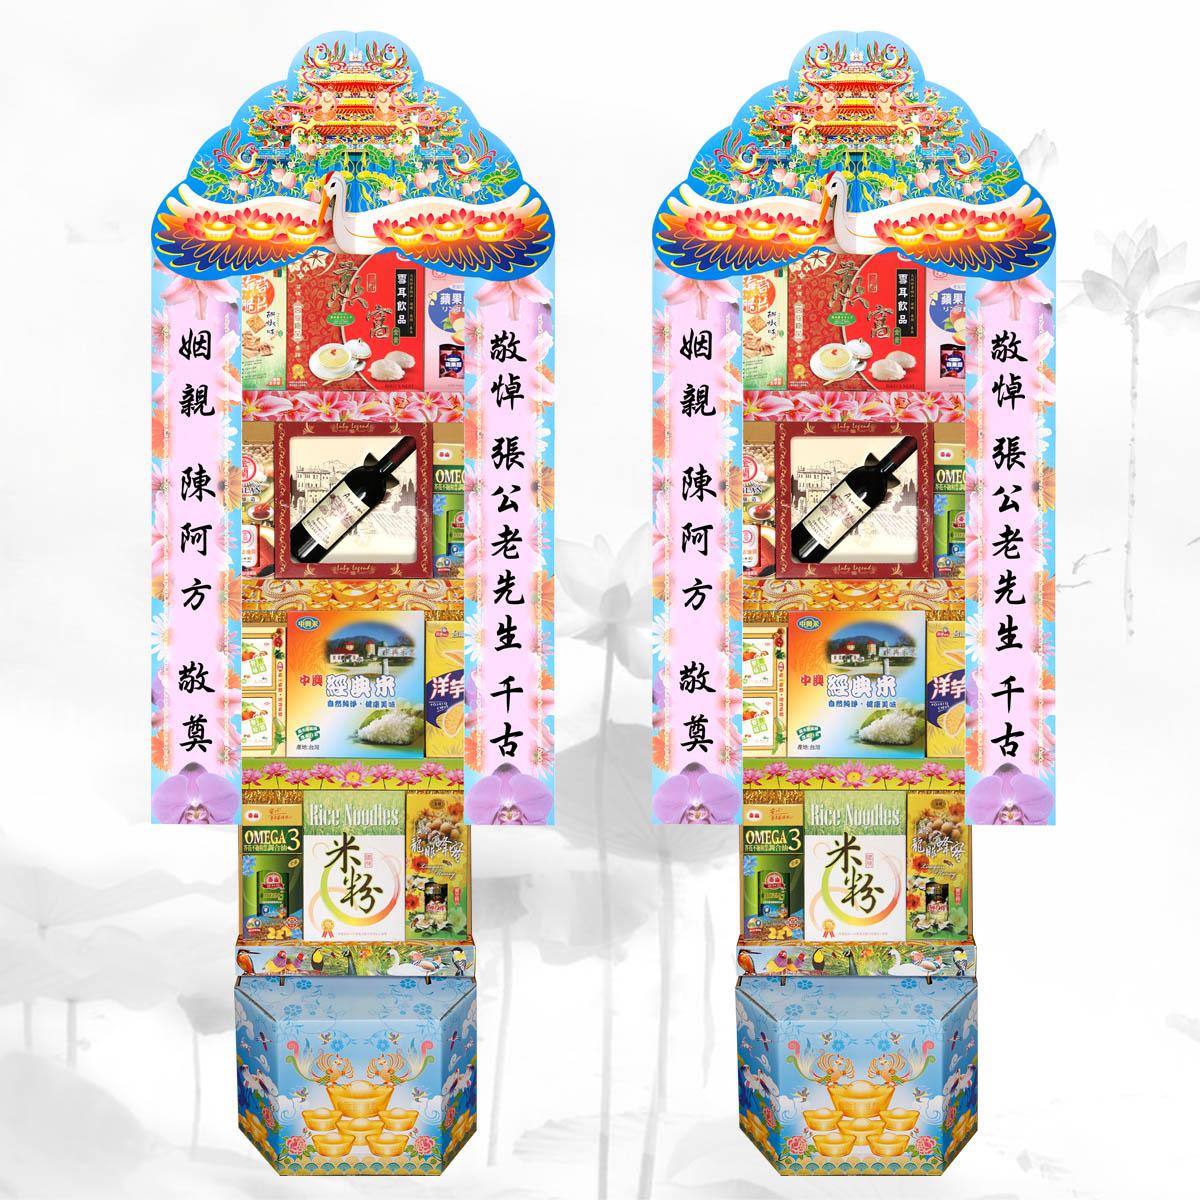 喪禮用罐頭塔-A-06 罐頭禮籃